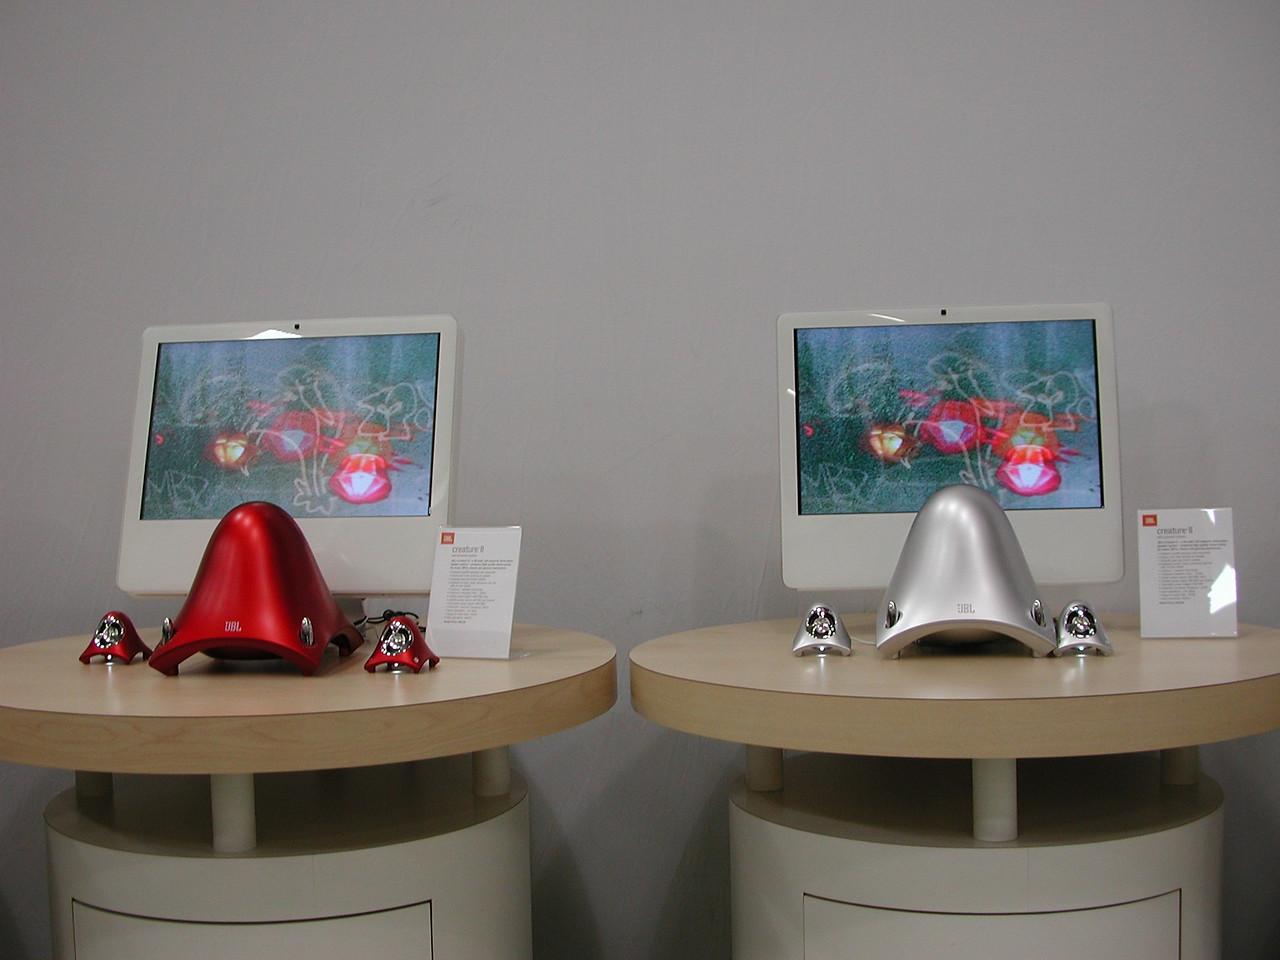 External speaker systems